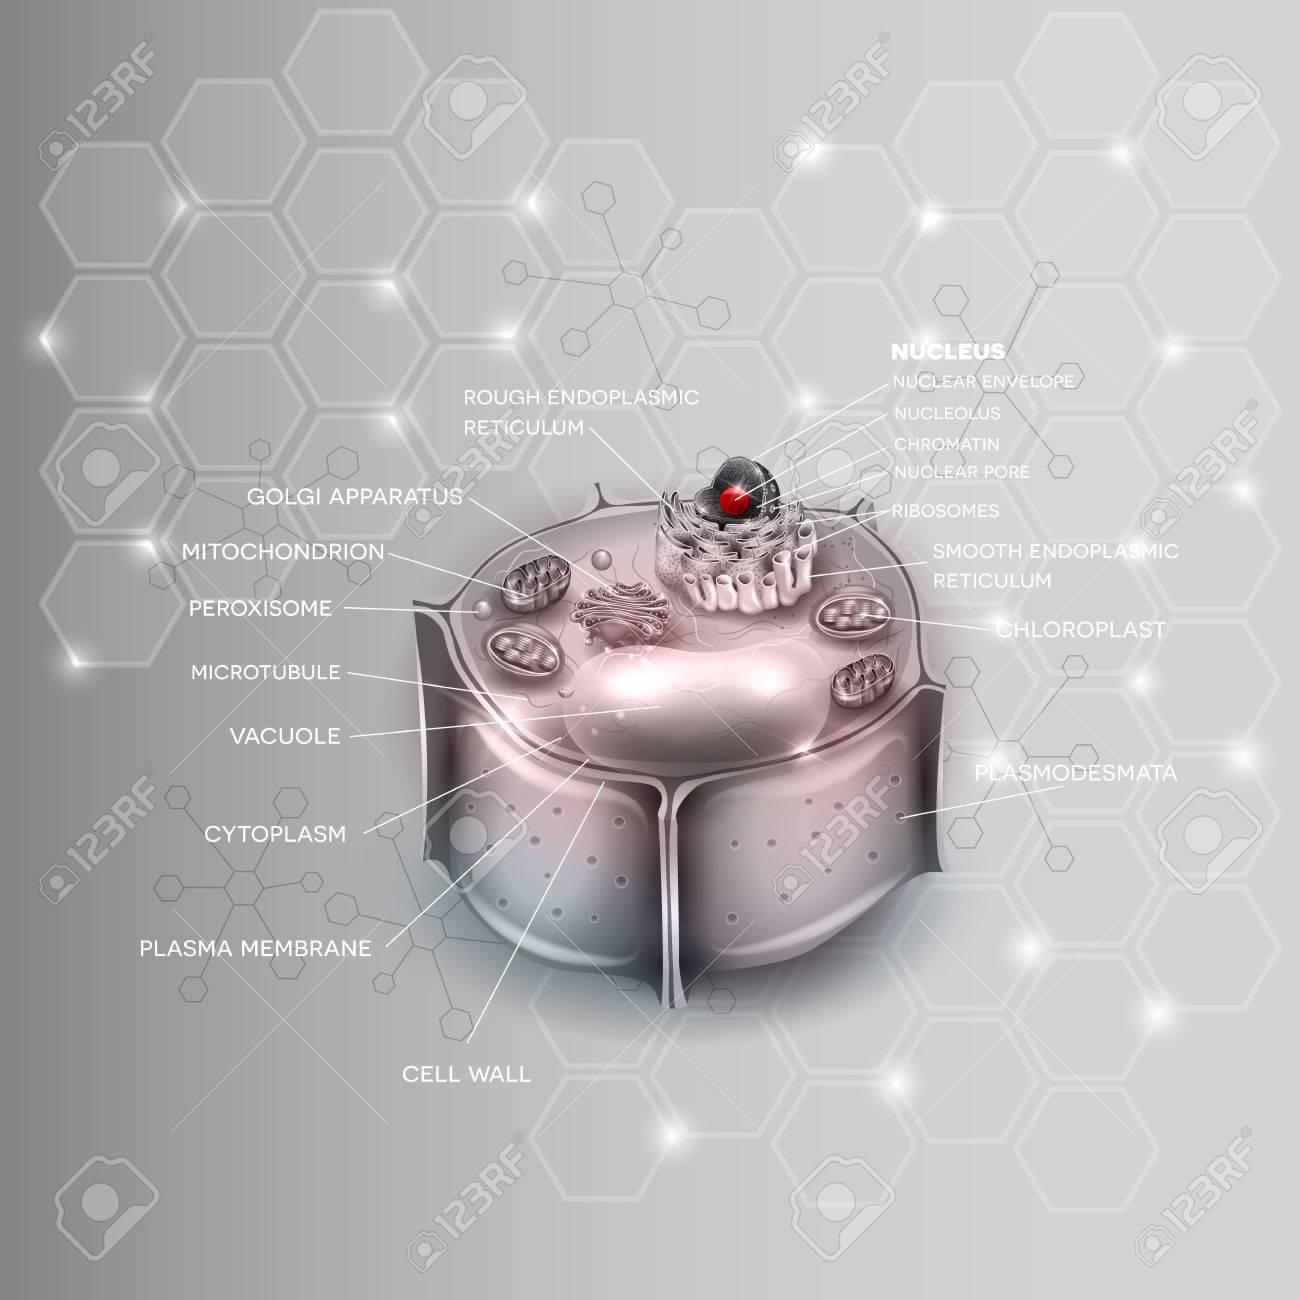 La Estructura De La Célula De La Planta La Sección Transversal De La Anatomía Se Detalla Celular En Un Fondo Científica